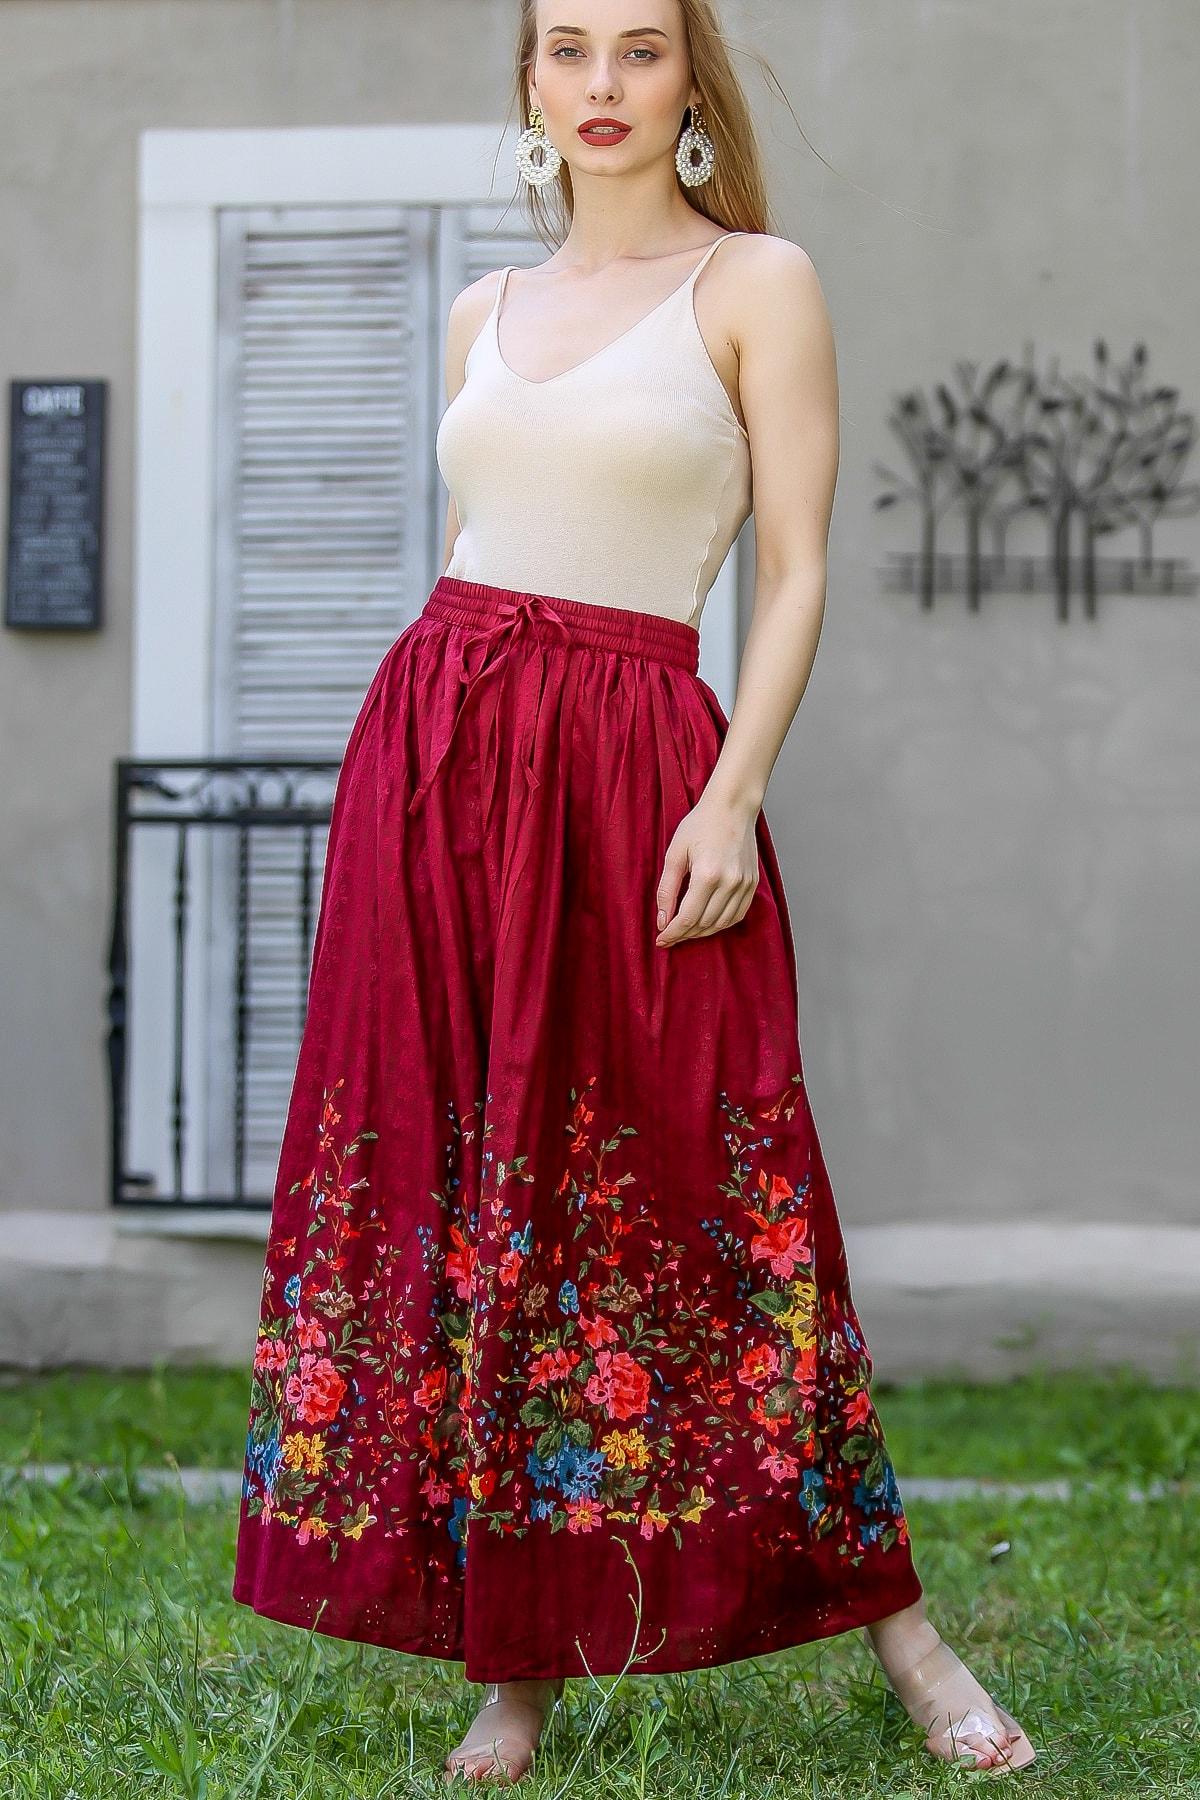 Chiccy Kadın Bordo Vintage Fisto Romantik Çiçek Baskılı Uzun Etek M10110000Et99380